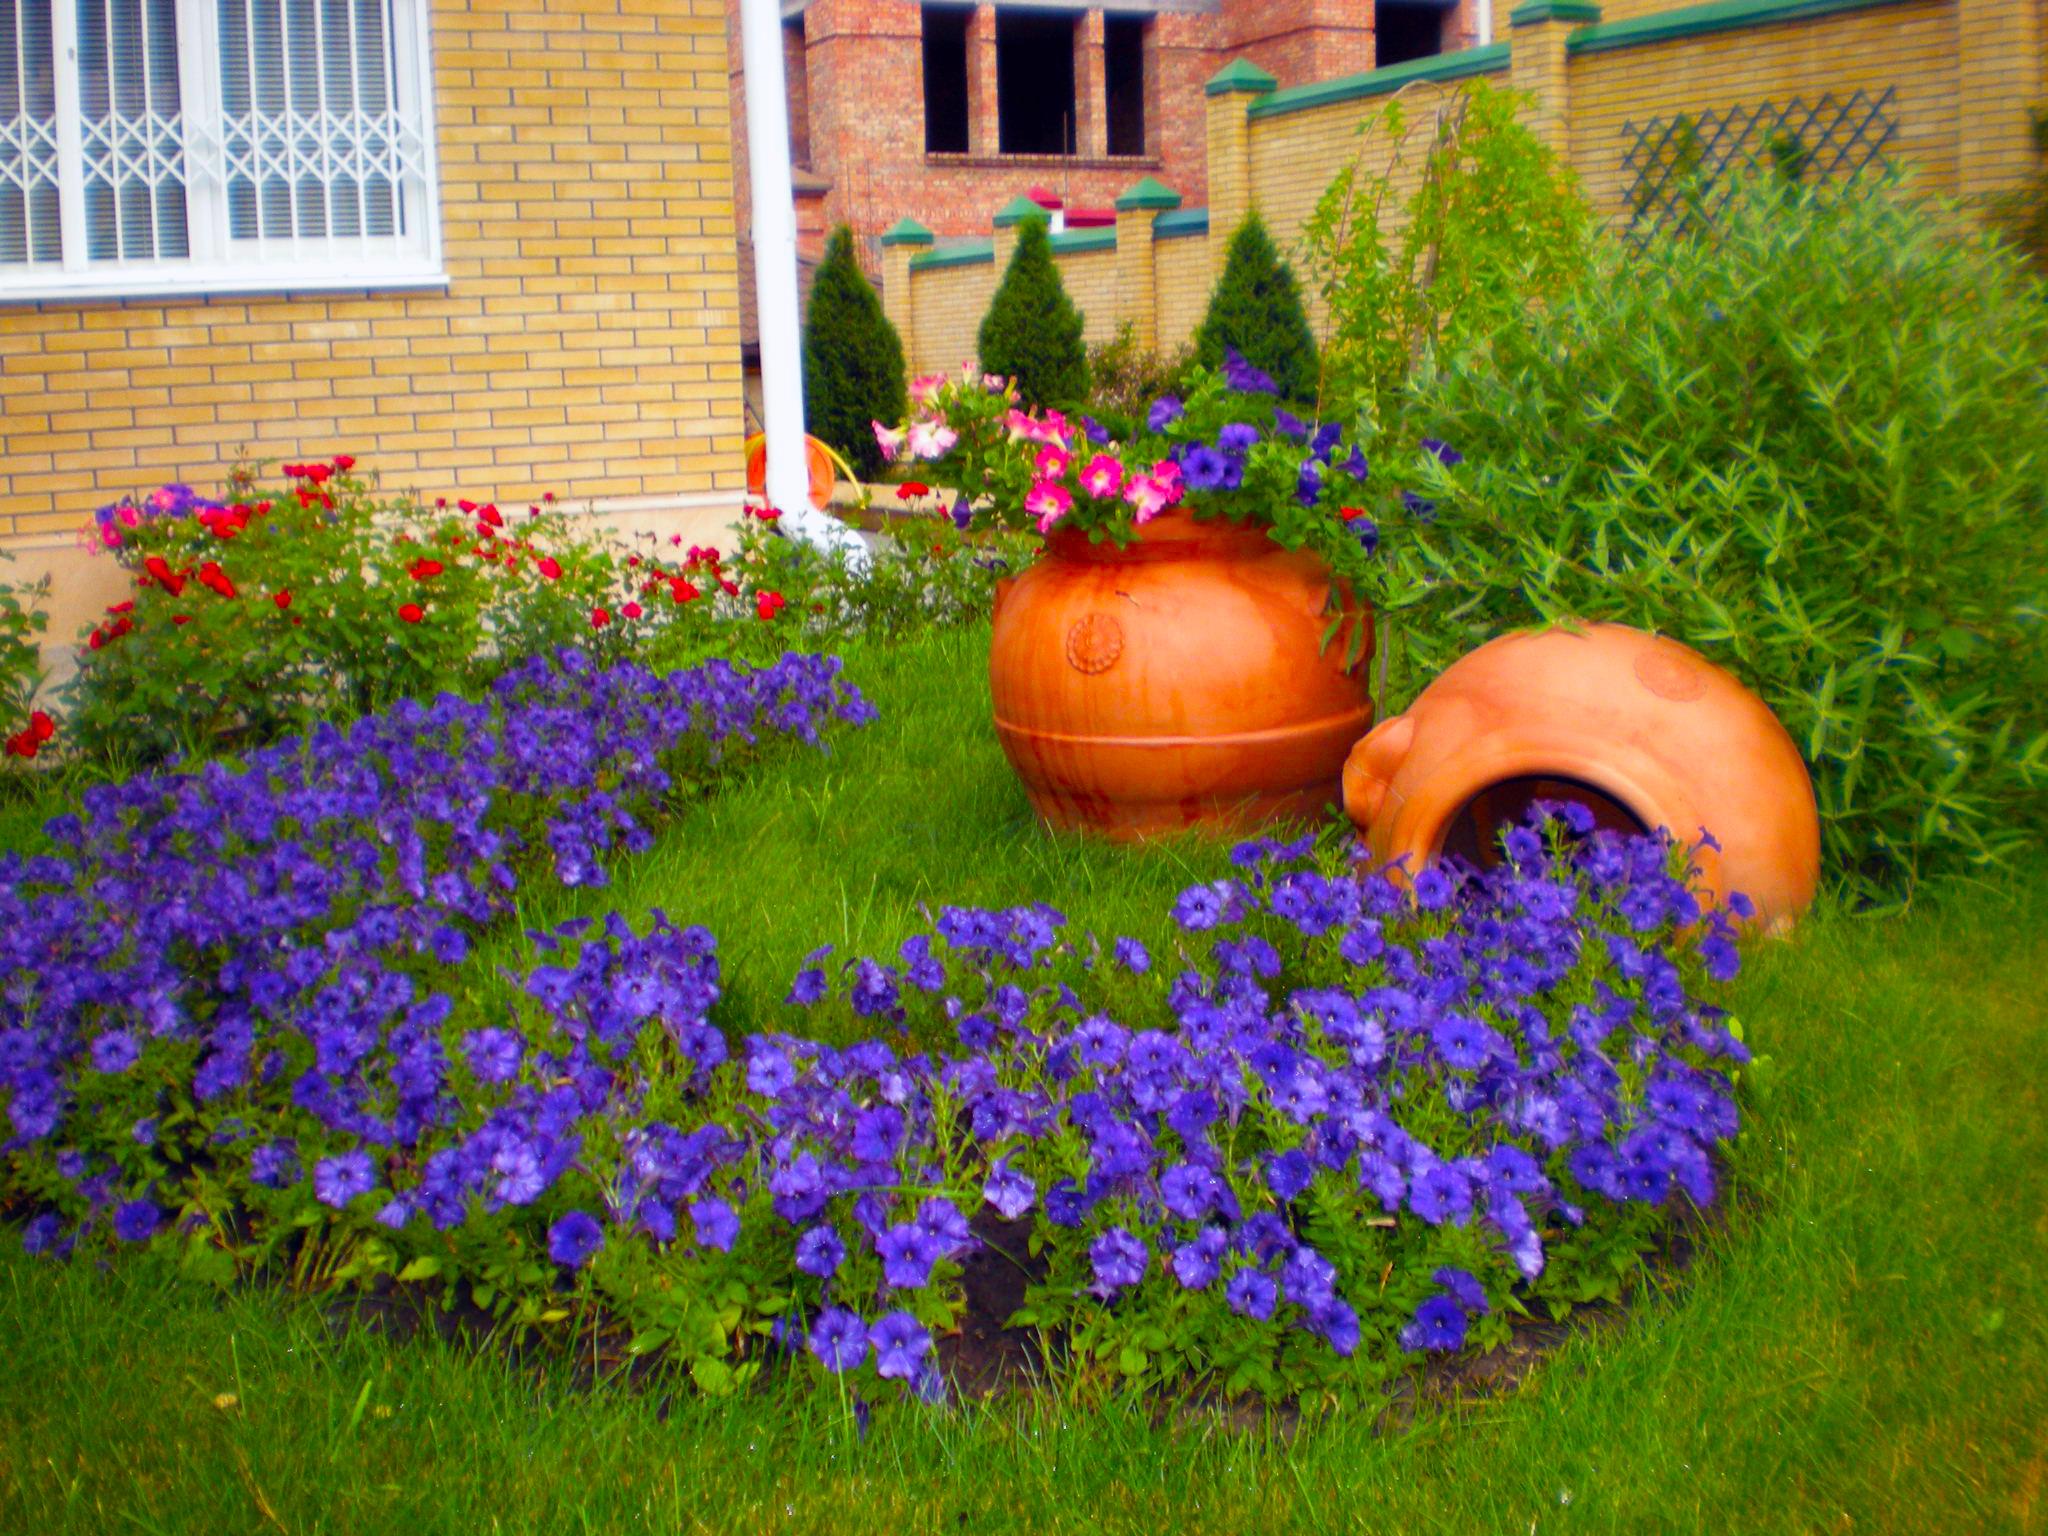 Какие цветы посадить на даче, чтобы цвели все лето? Фото 22